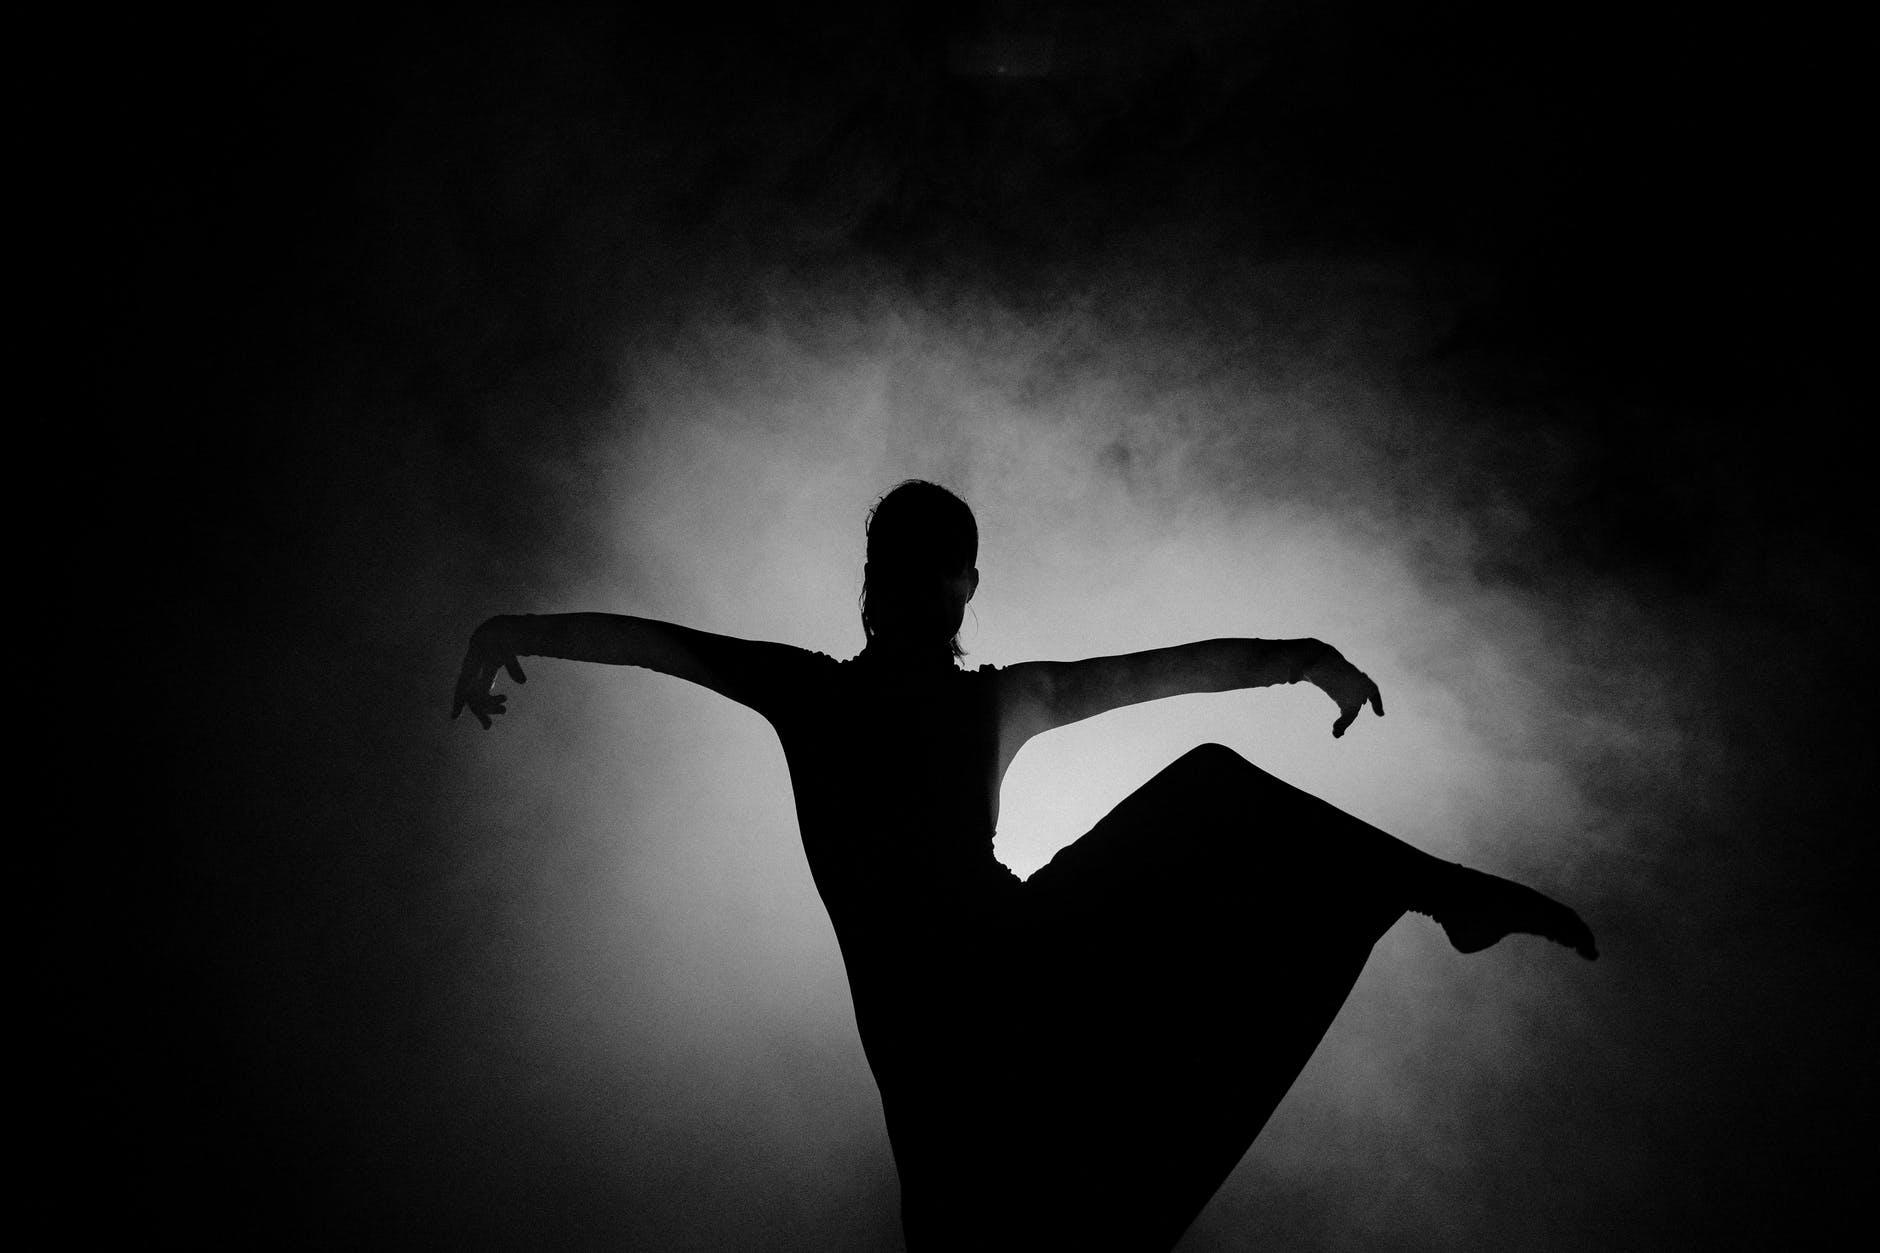 Daisukeダンス